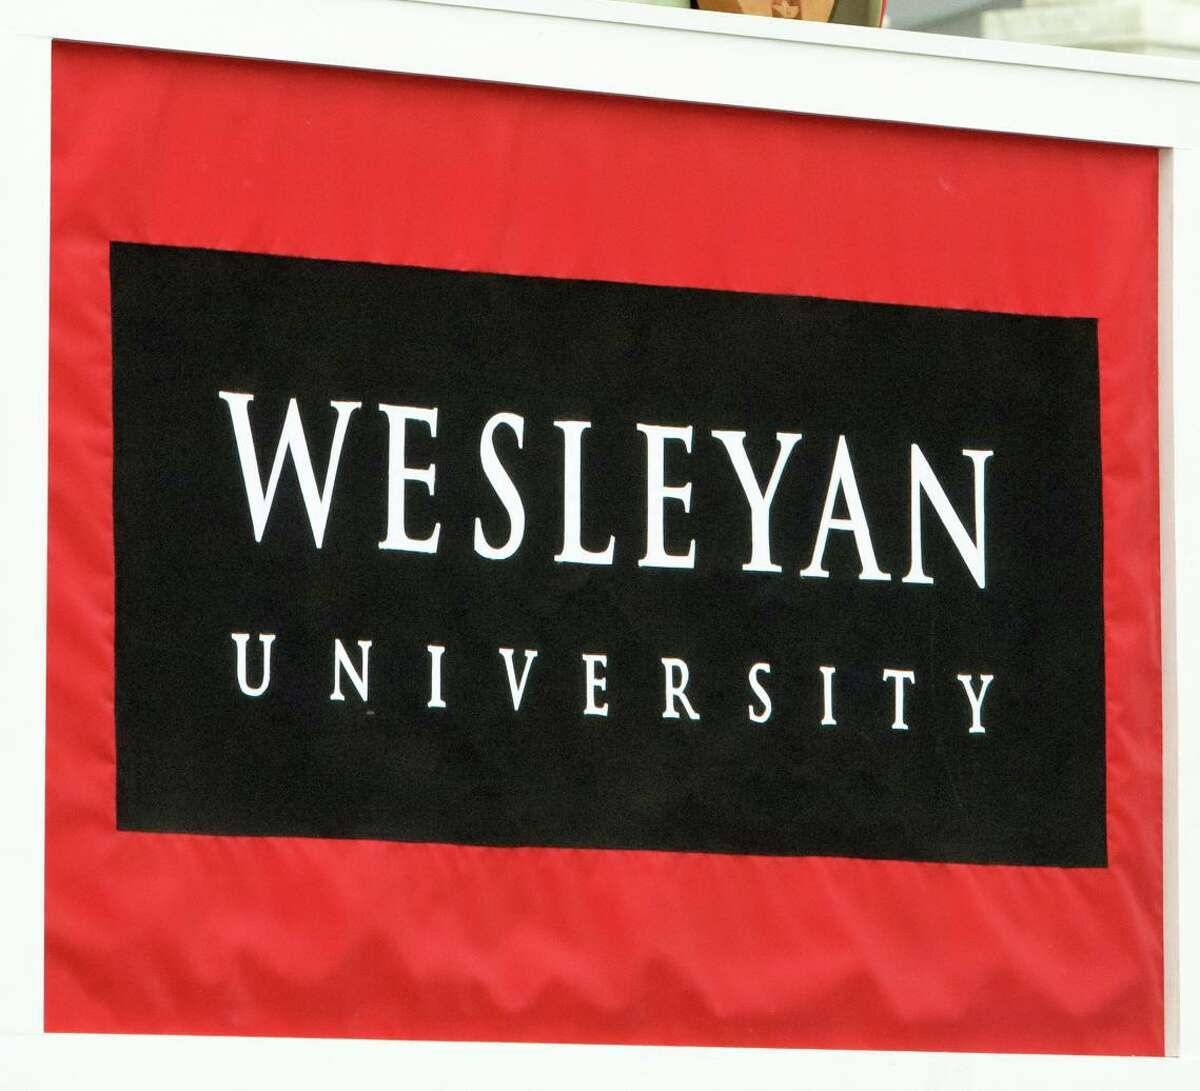 Wesleyan University is in Middletown.